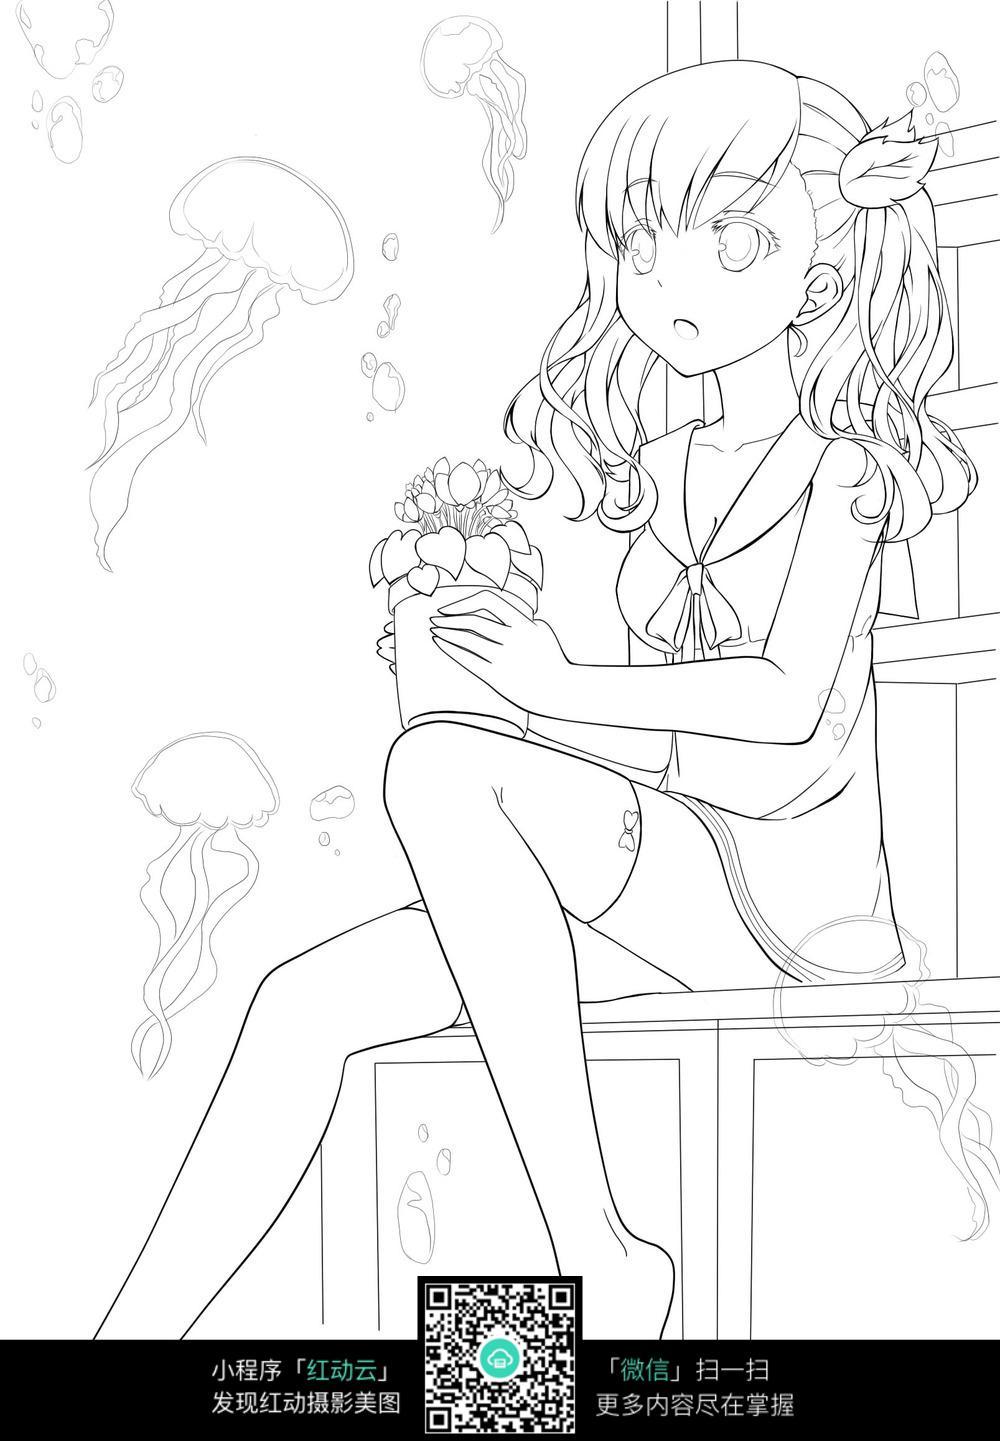 女孩和花盆卡通手绘线稿_人物卡通图片